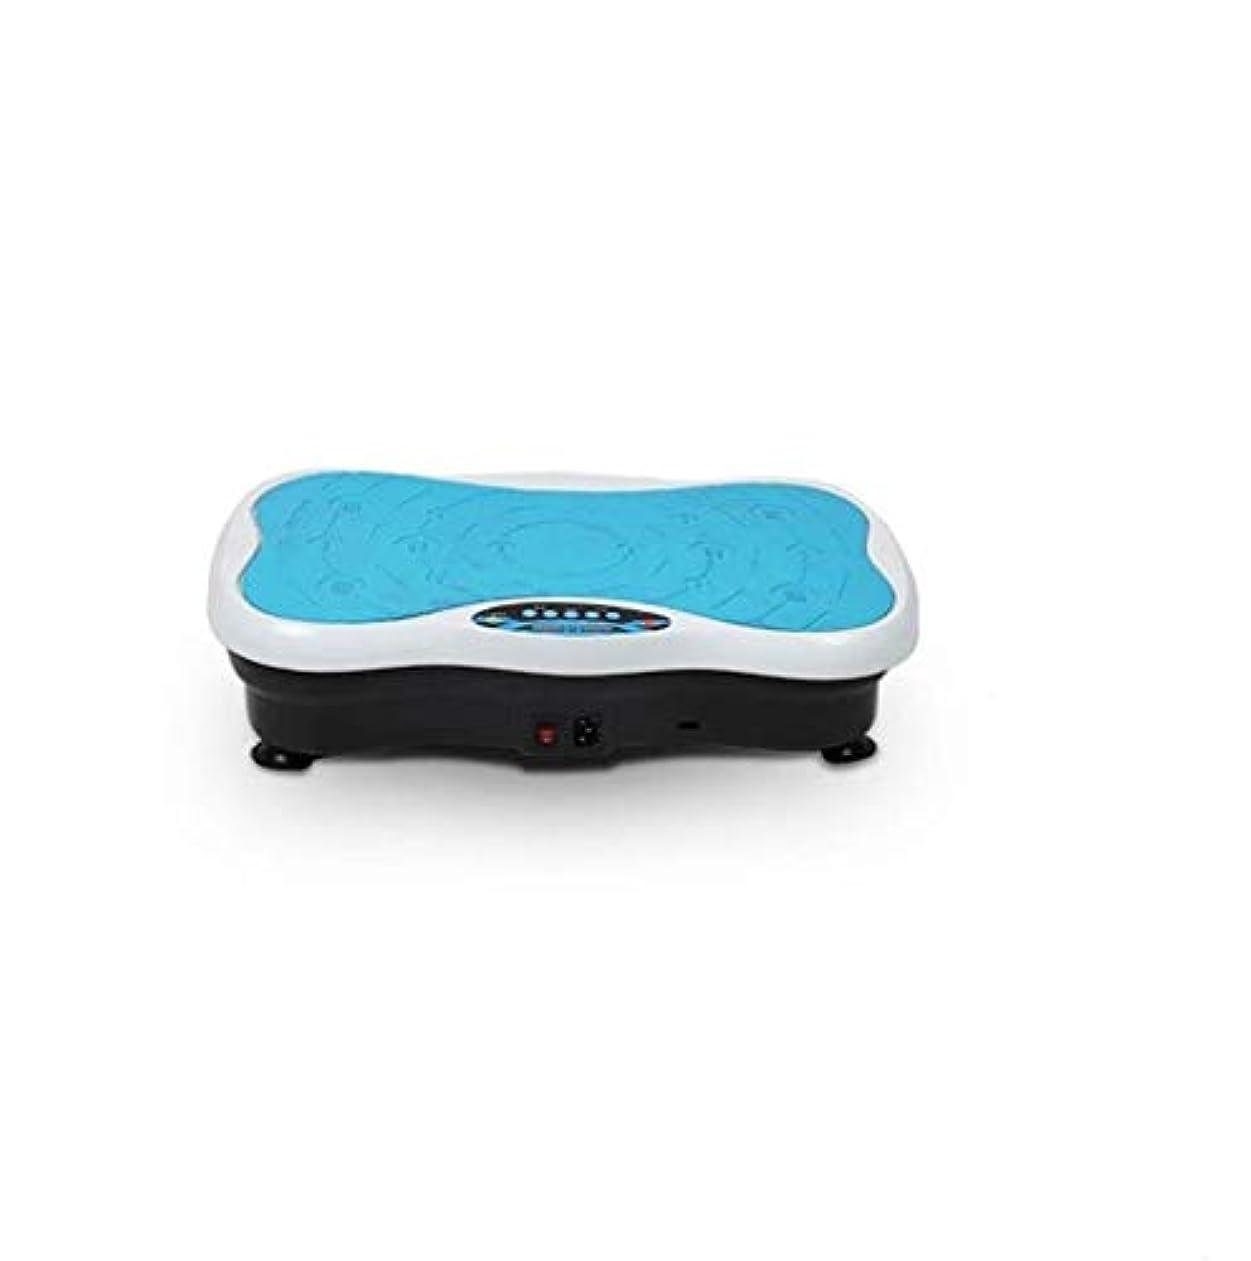 居間ランダム生じる3D電気減量マシン、振動フィットネストレーナー、ホームオフィスの脂肪燃焼マッサージ装置 (Color : 青)